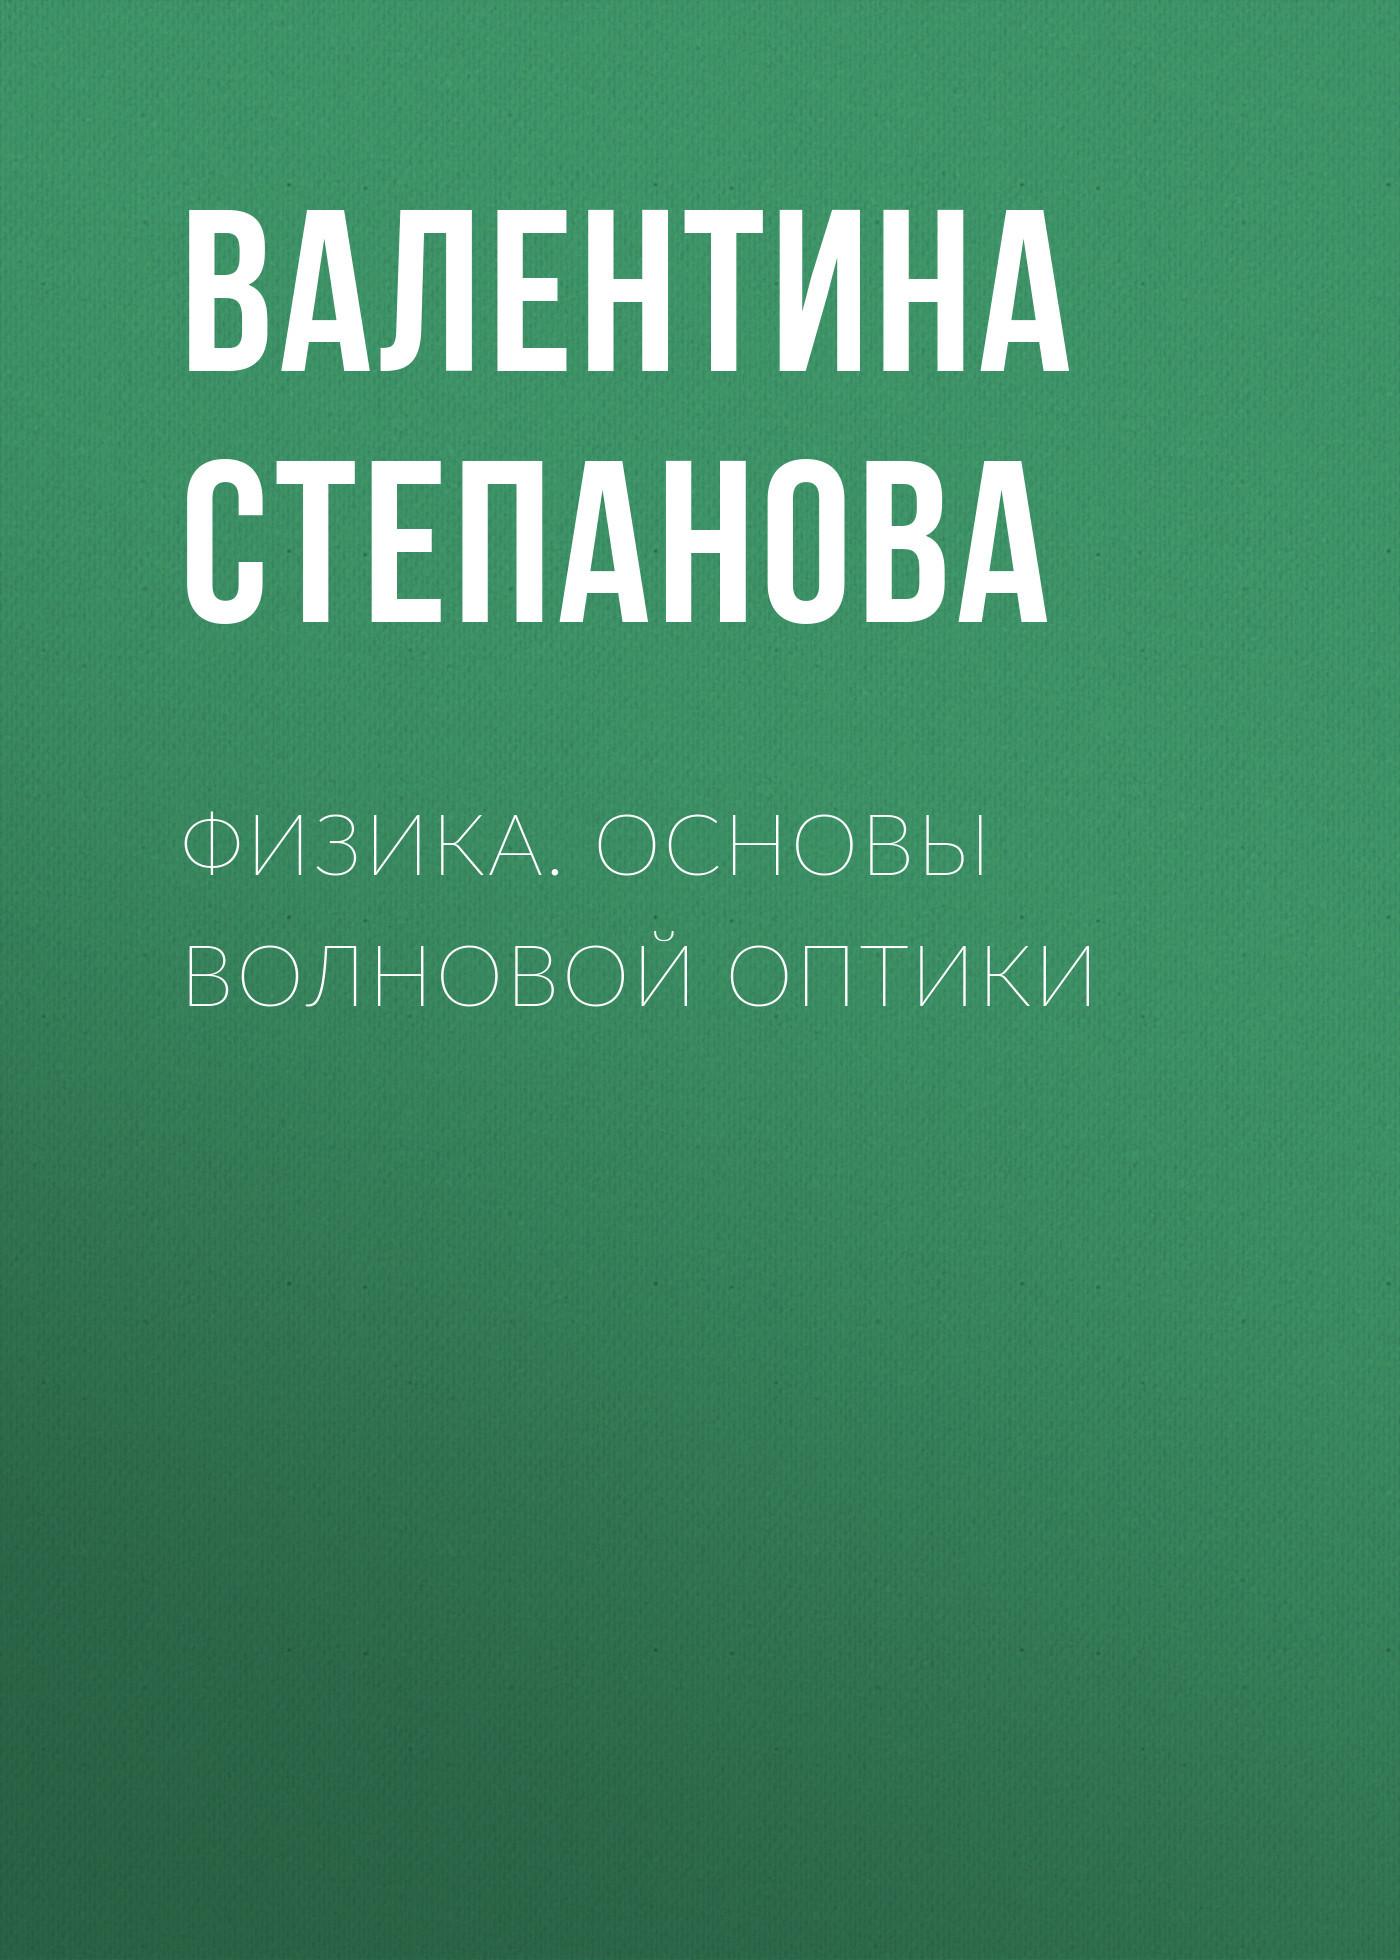 Валентина Степанова. Физика. Основы волновой оптики